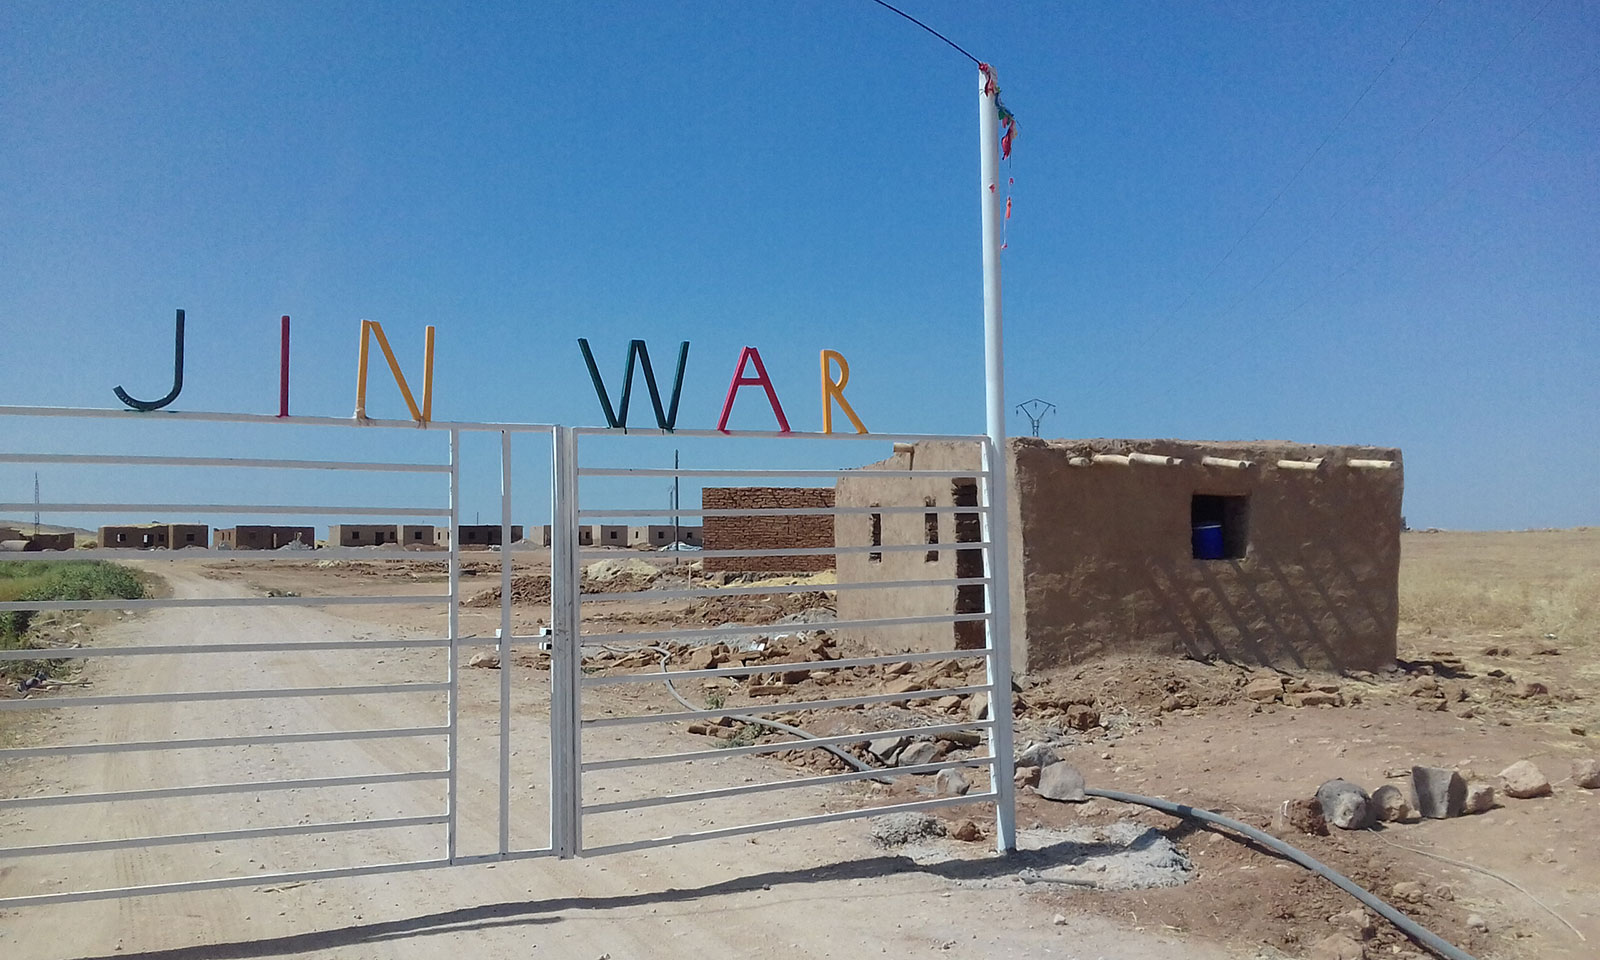 Jinwar-un-trozo-d3-siria-solo-para-mujeres